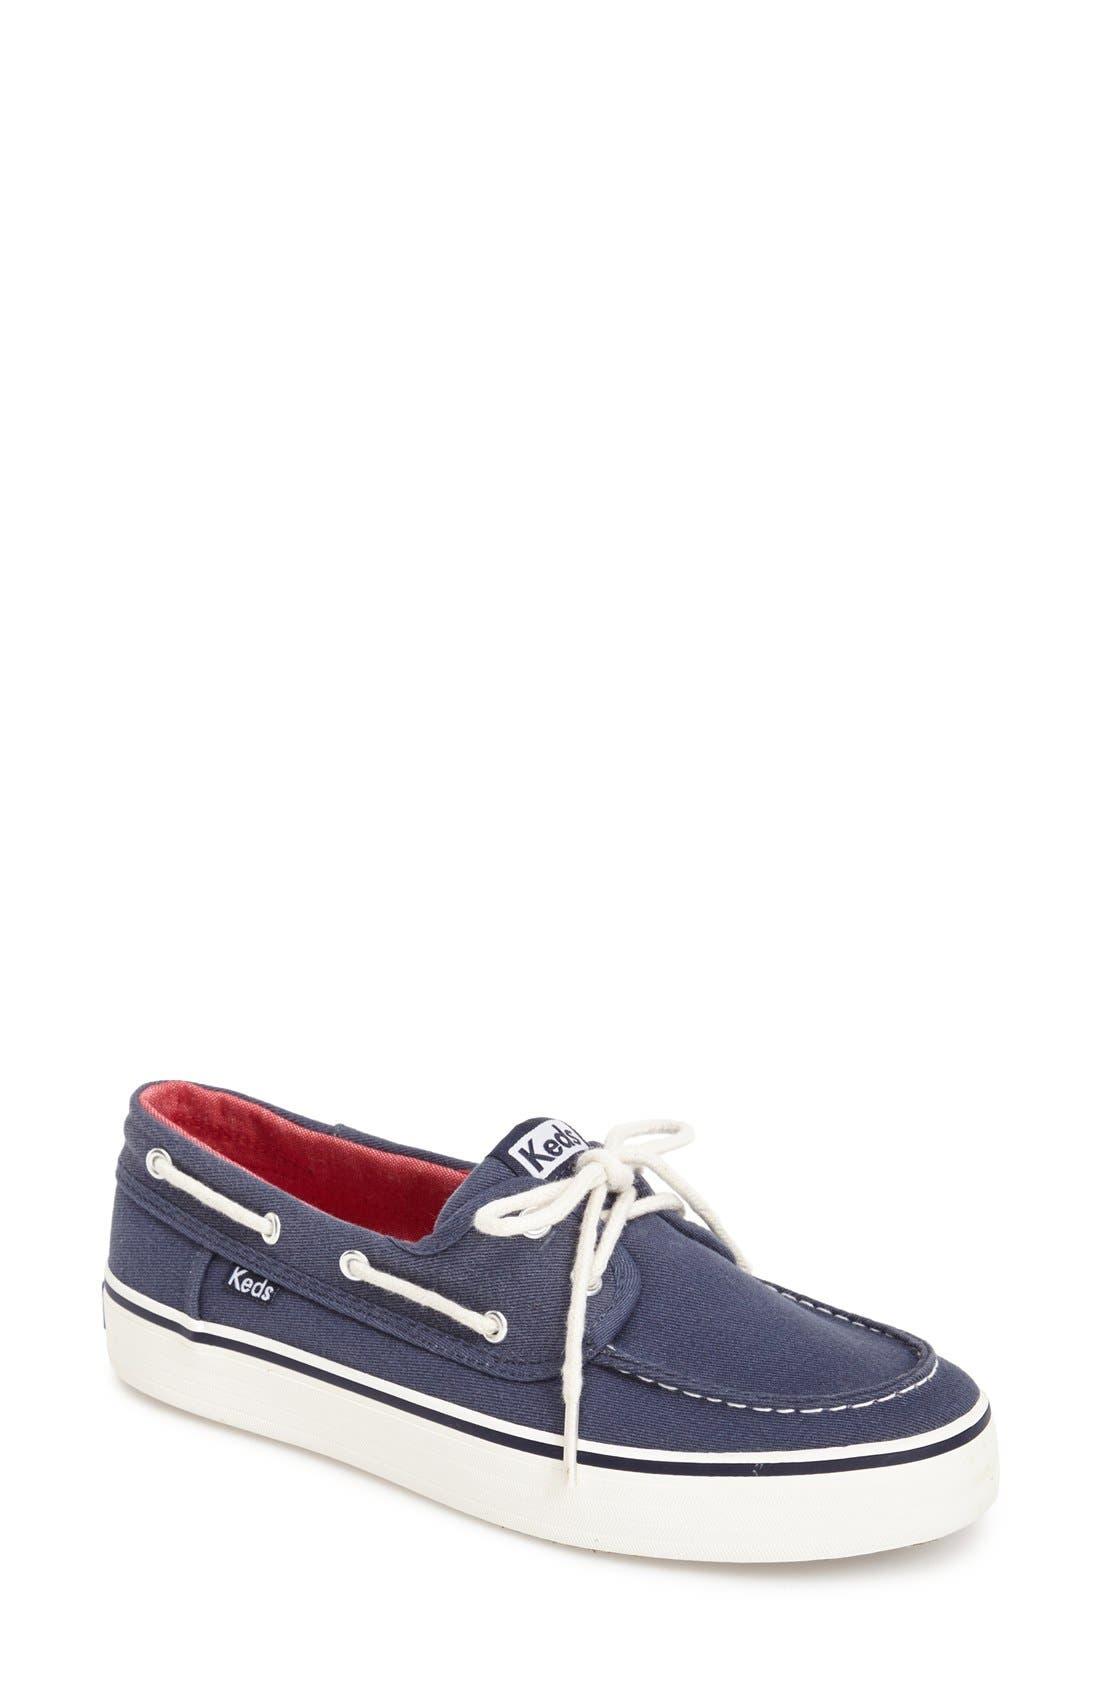 Main Image - Keds® 'Bay Bird' Boat Shoe Sneaker (Women)